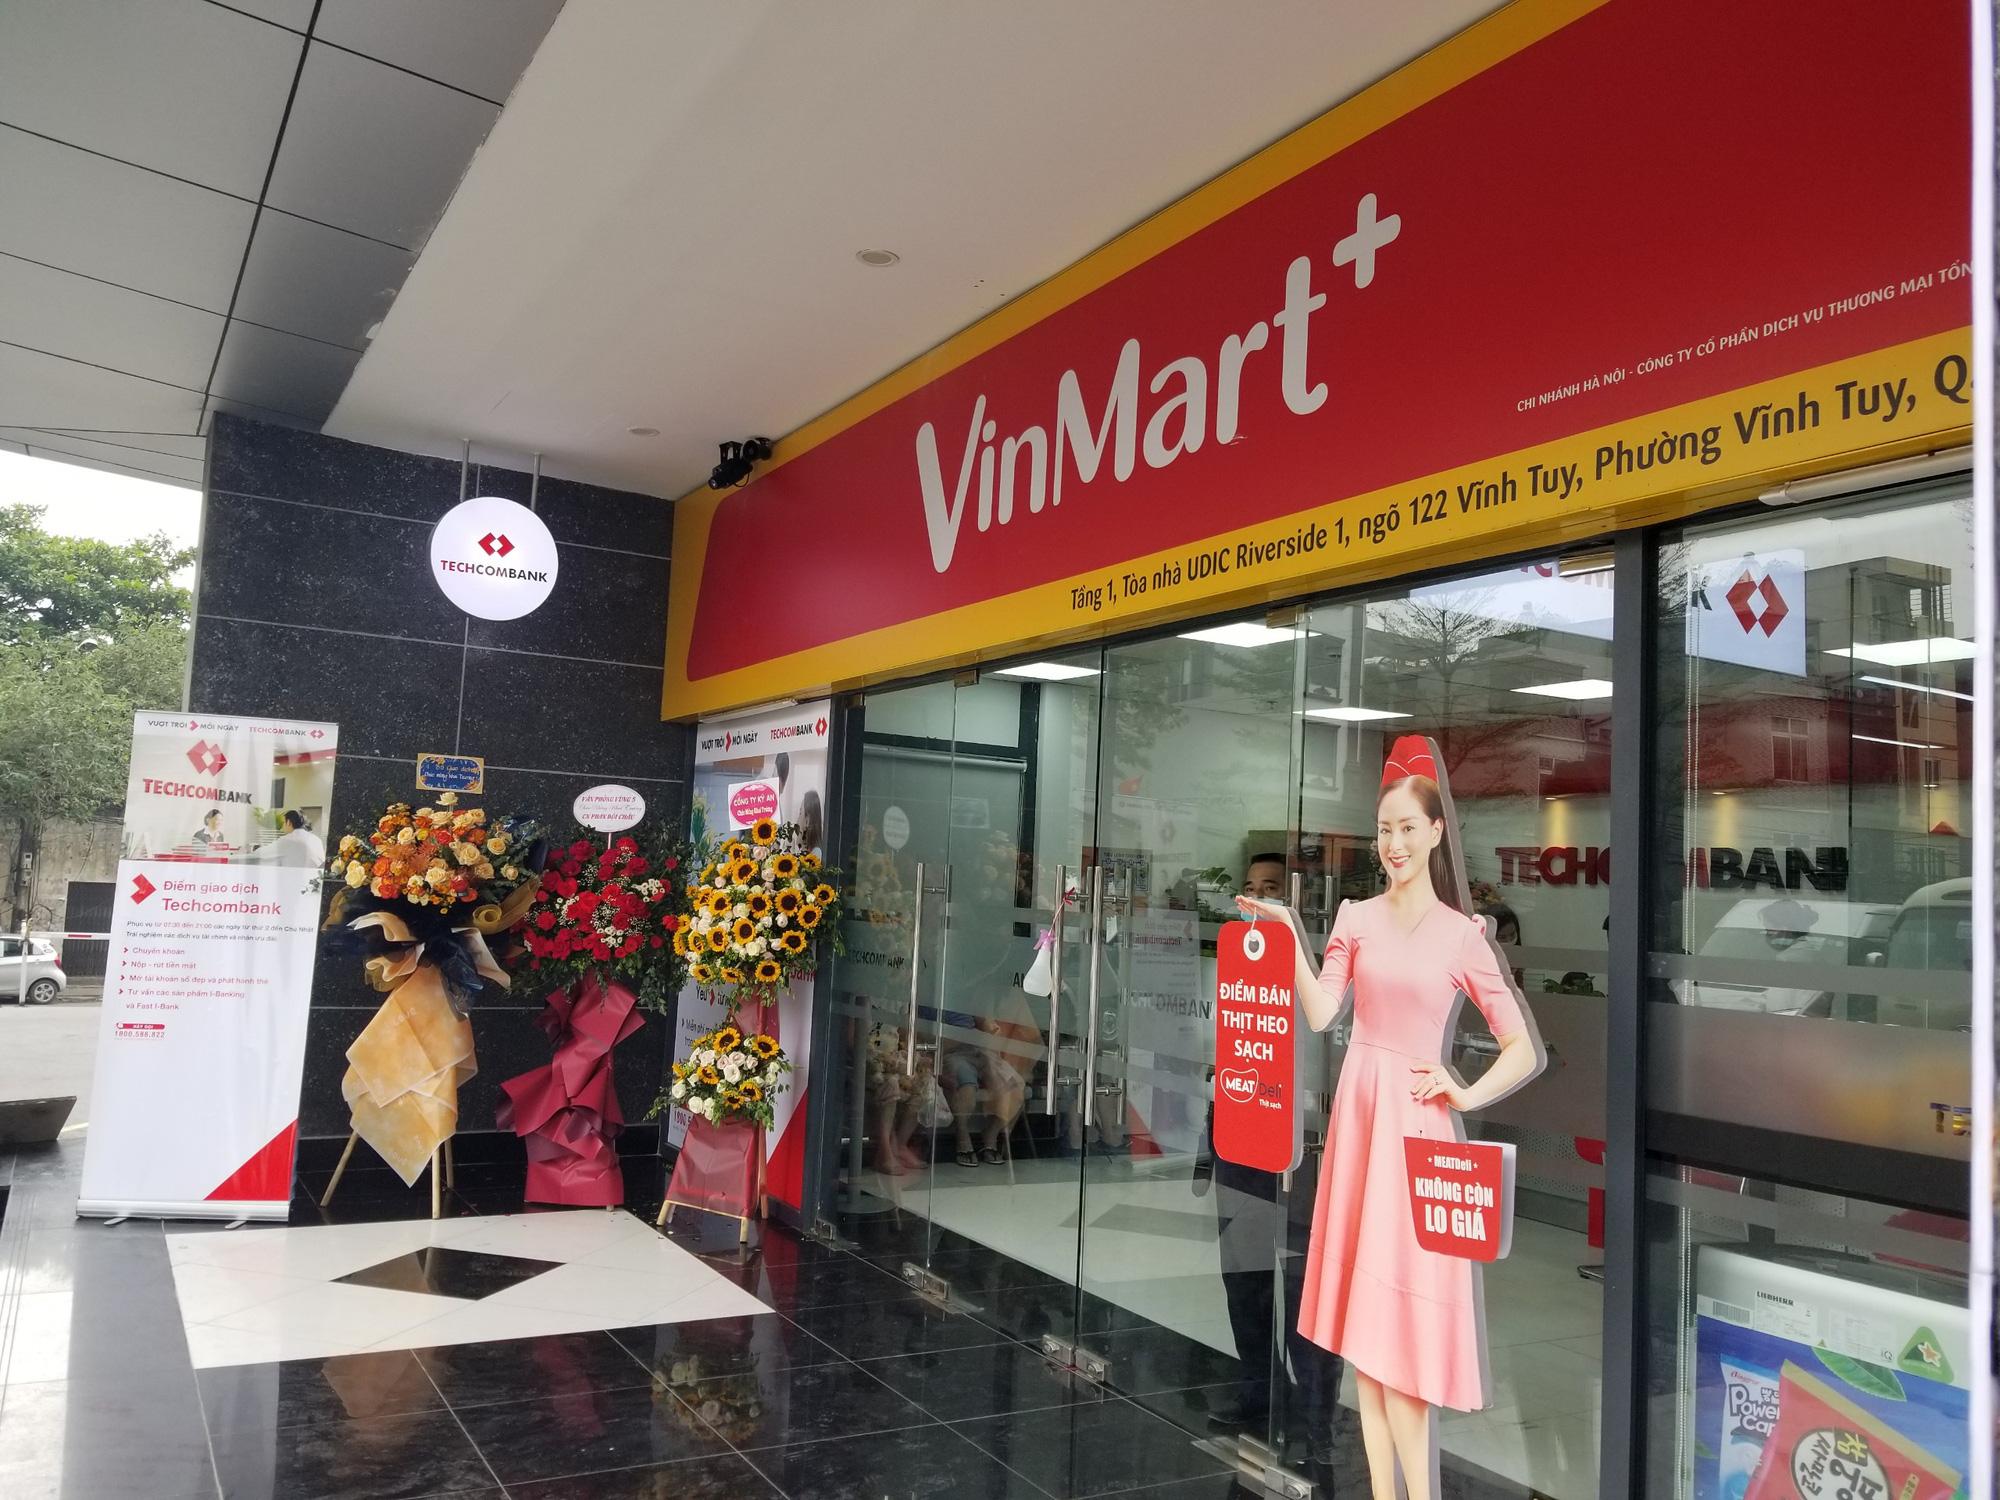 Cửa hàng VinMart+ kết hợp với dịch vụ tài chính Techcombank cùng kiosk Phúc Long lần đầu xuất hiện tại Hà Nội - Ảnh 3.